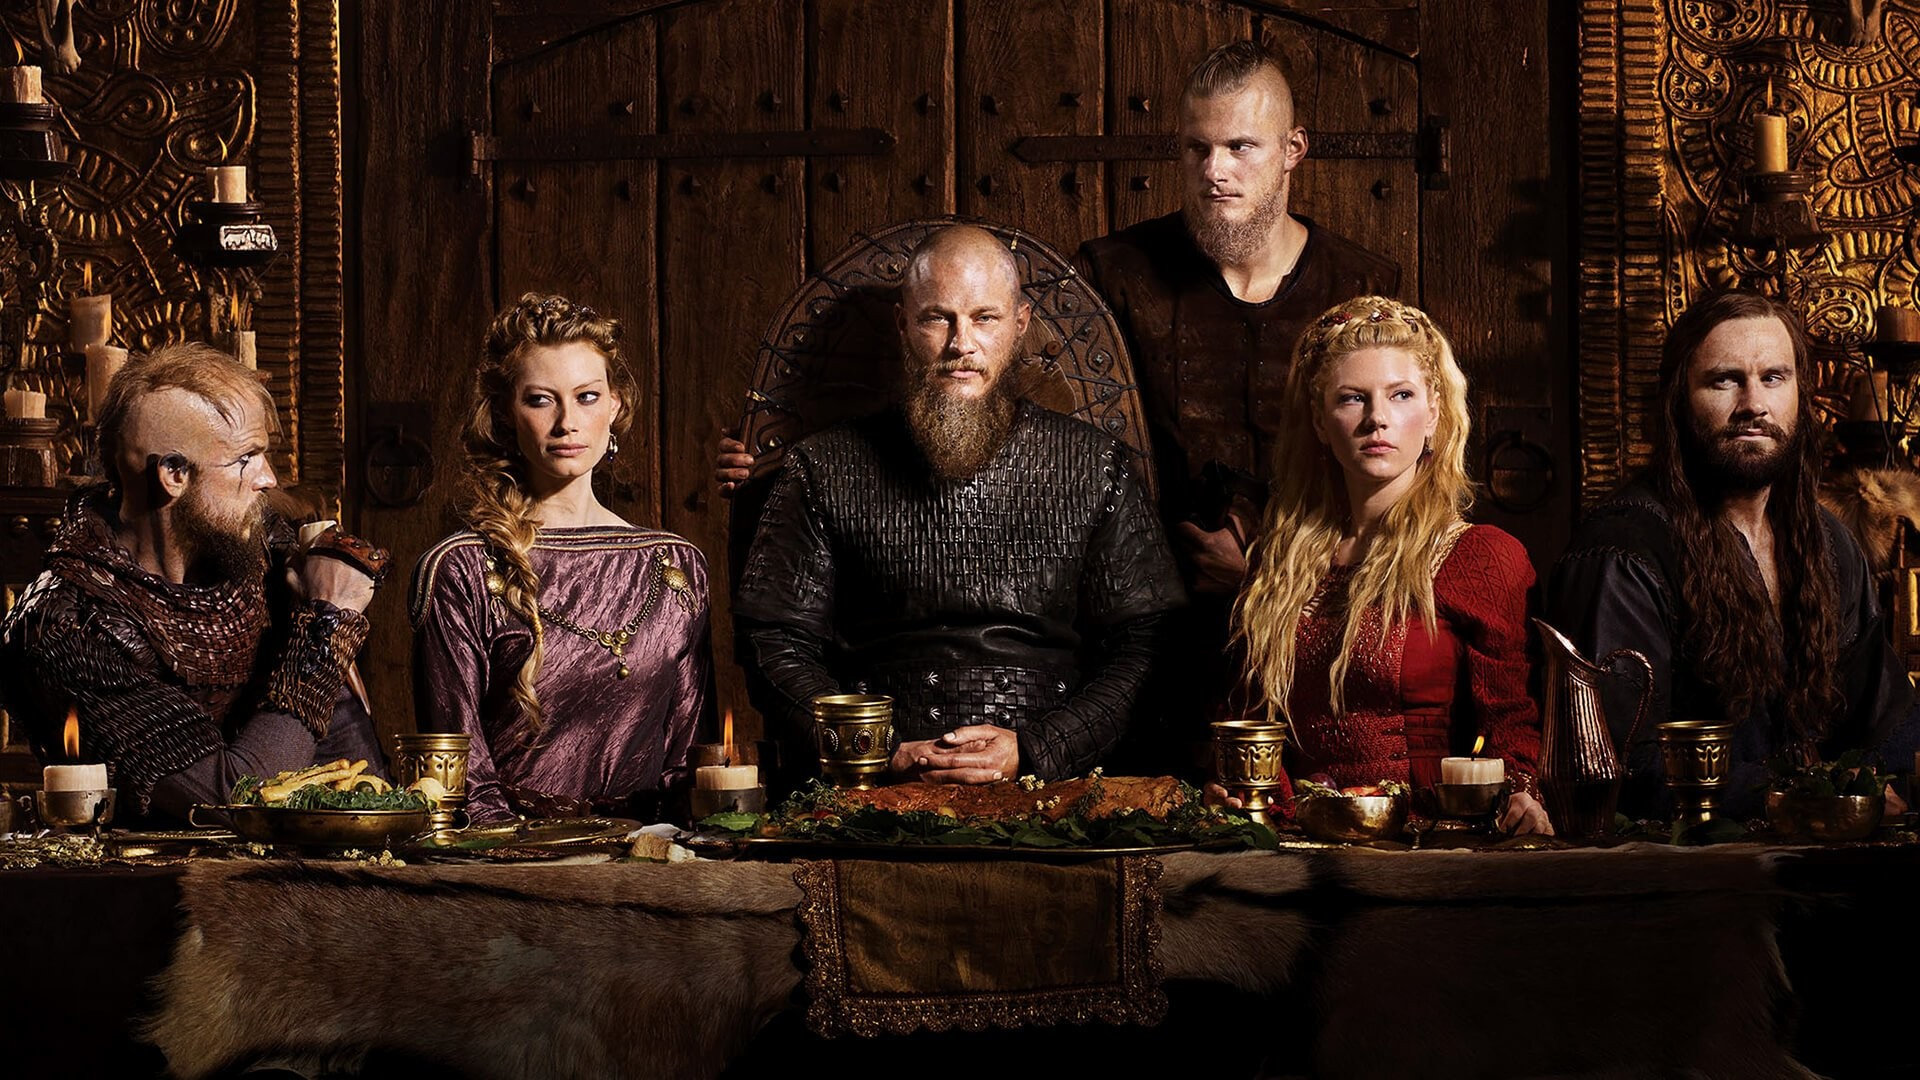 Vikings wallpaper Download free beautiful HD wallpapers for